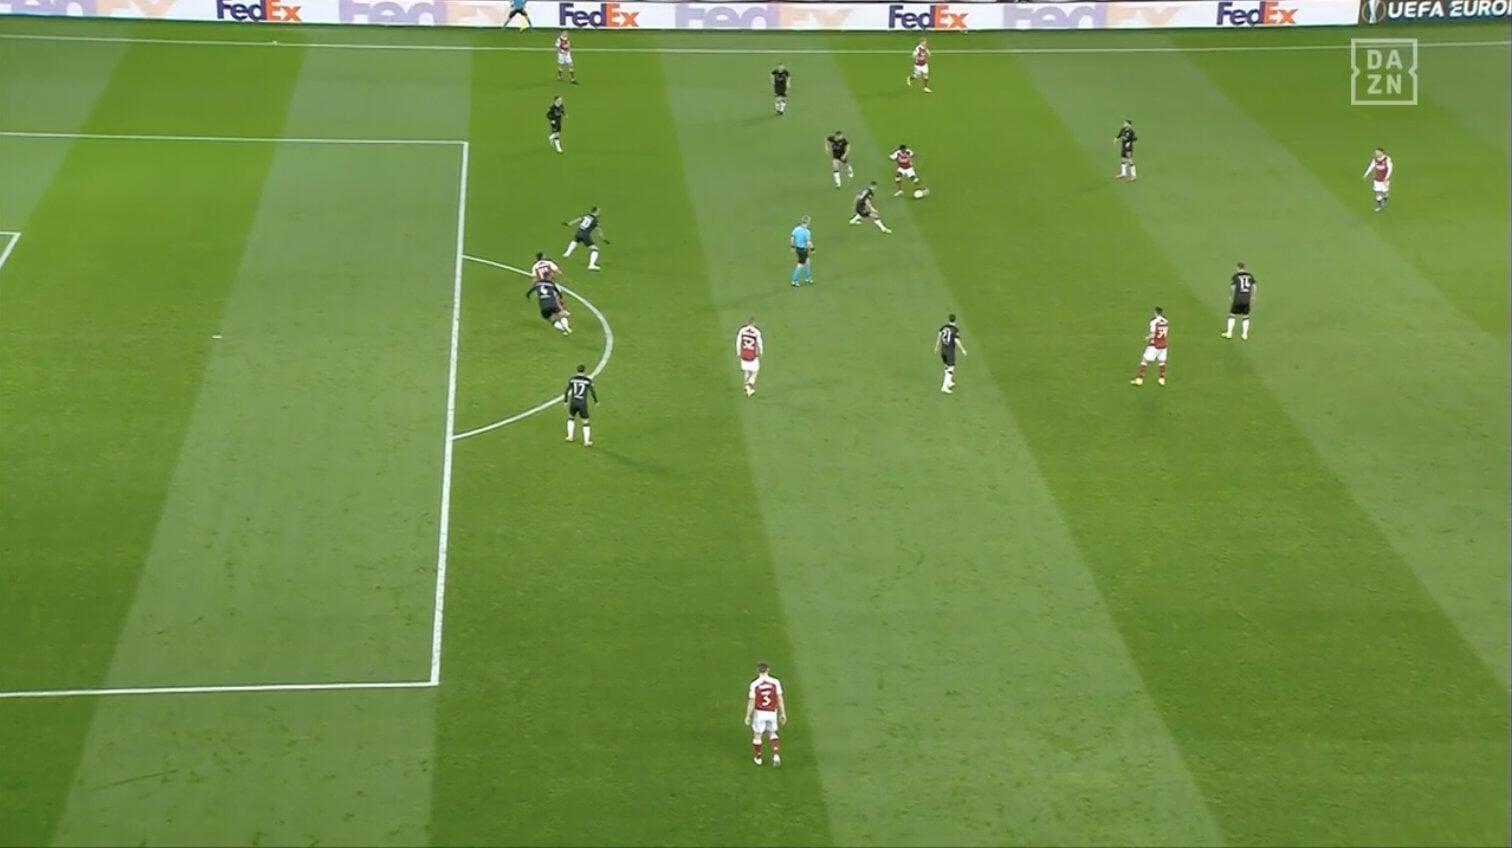 «Арсенал» чуть не вылетел из ЛЕ из-за ужасного привоза Себальоса. Спасли Тирни и Обамеянг